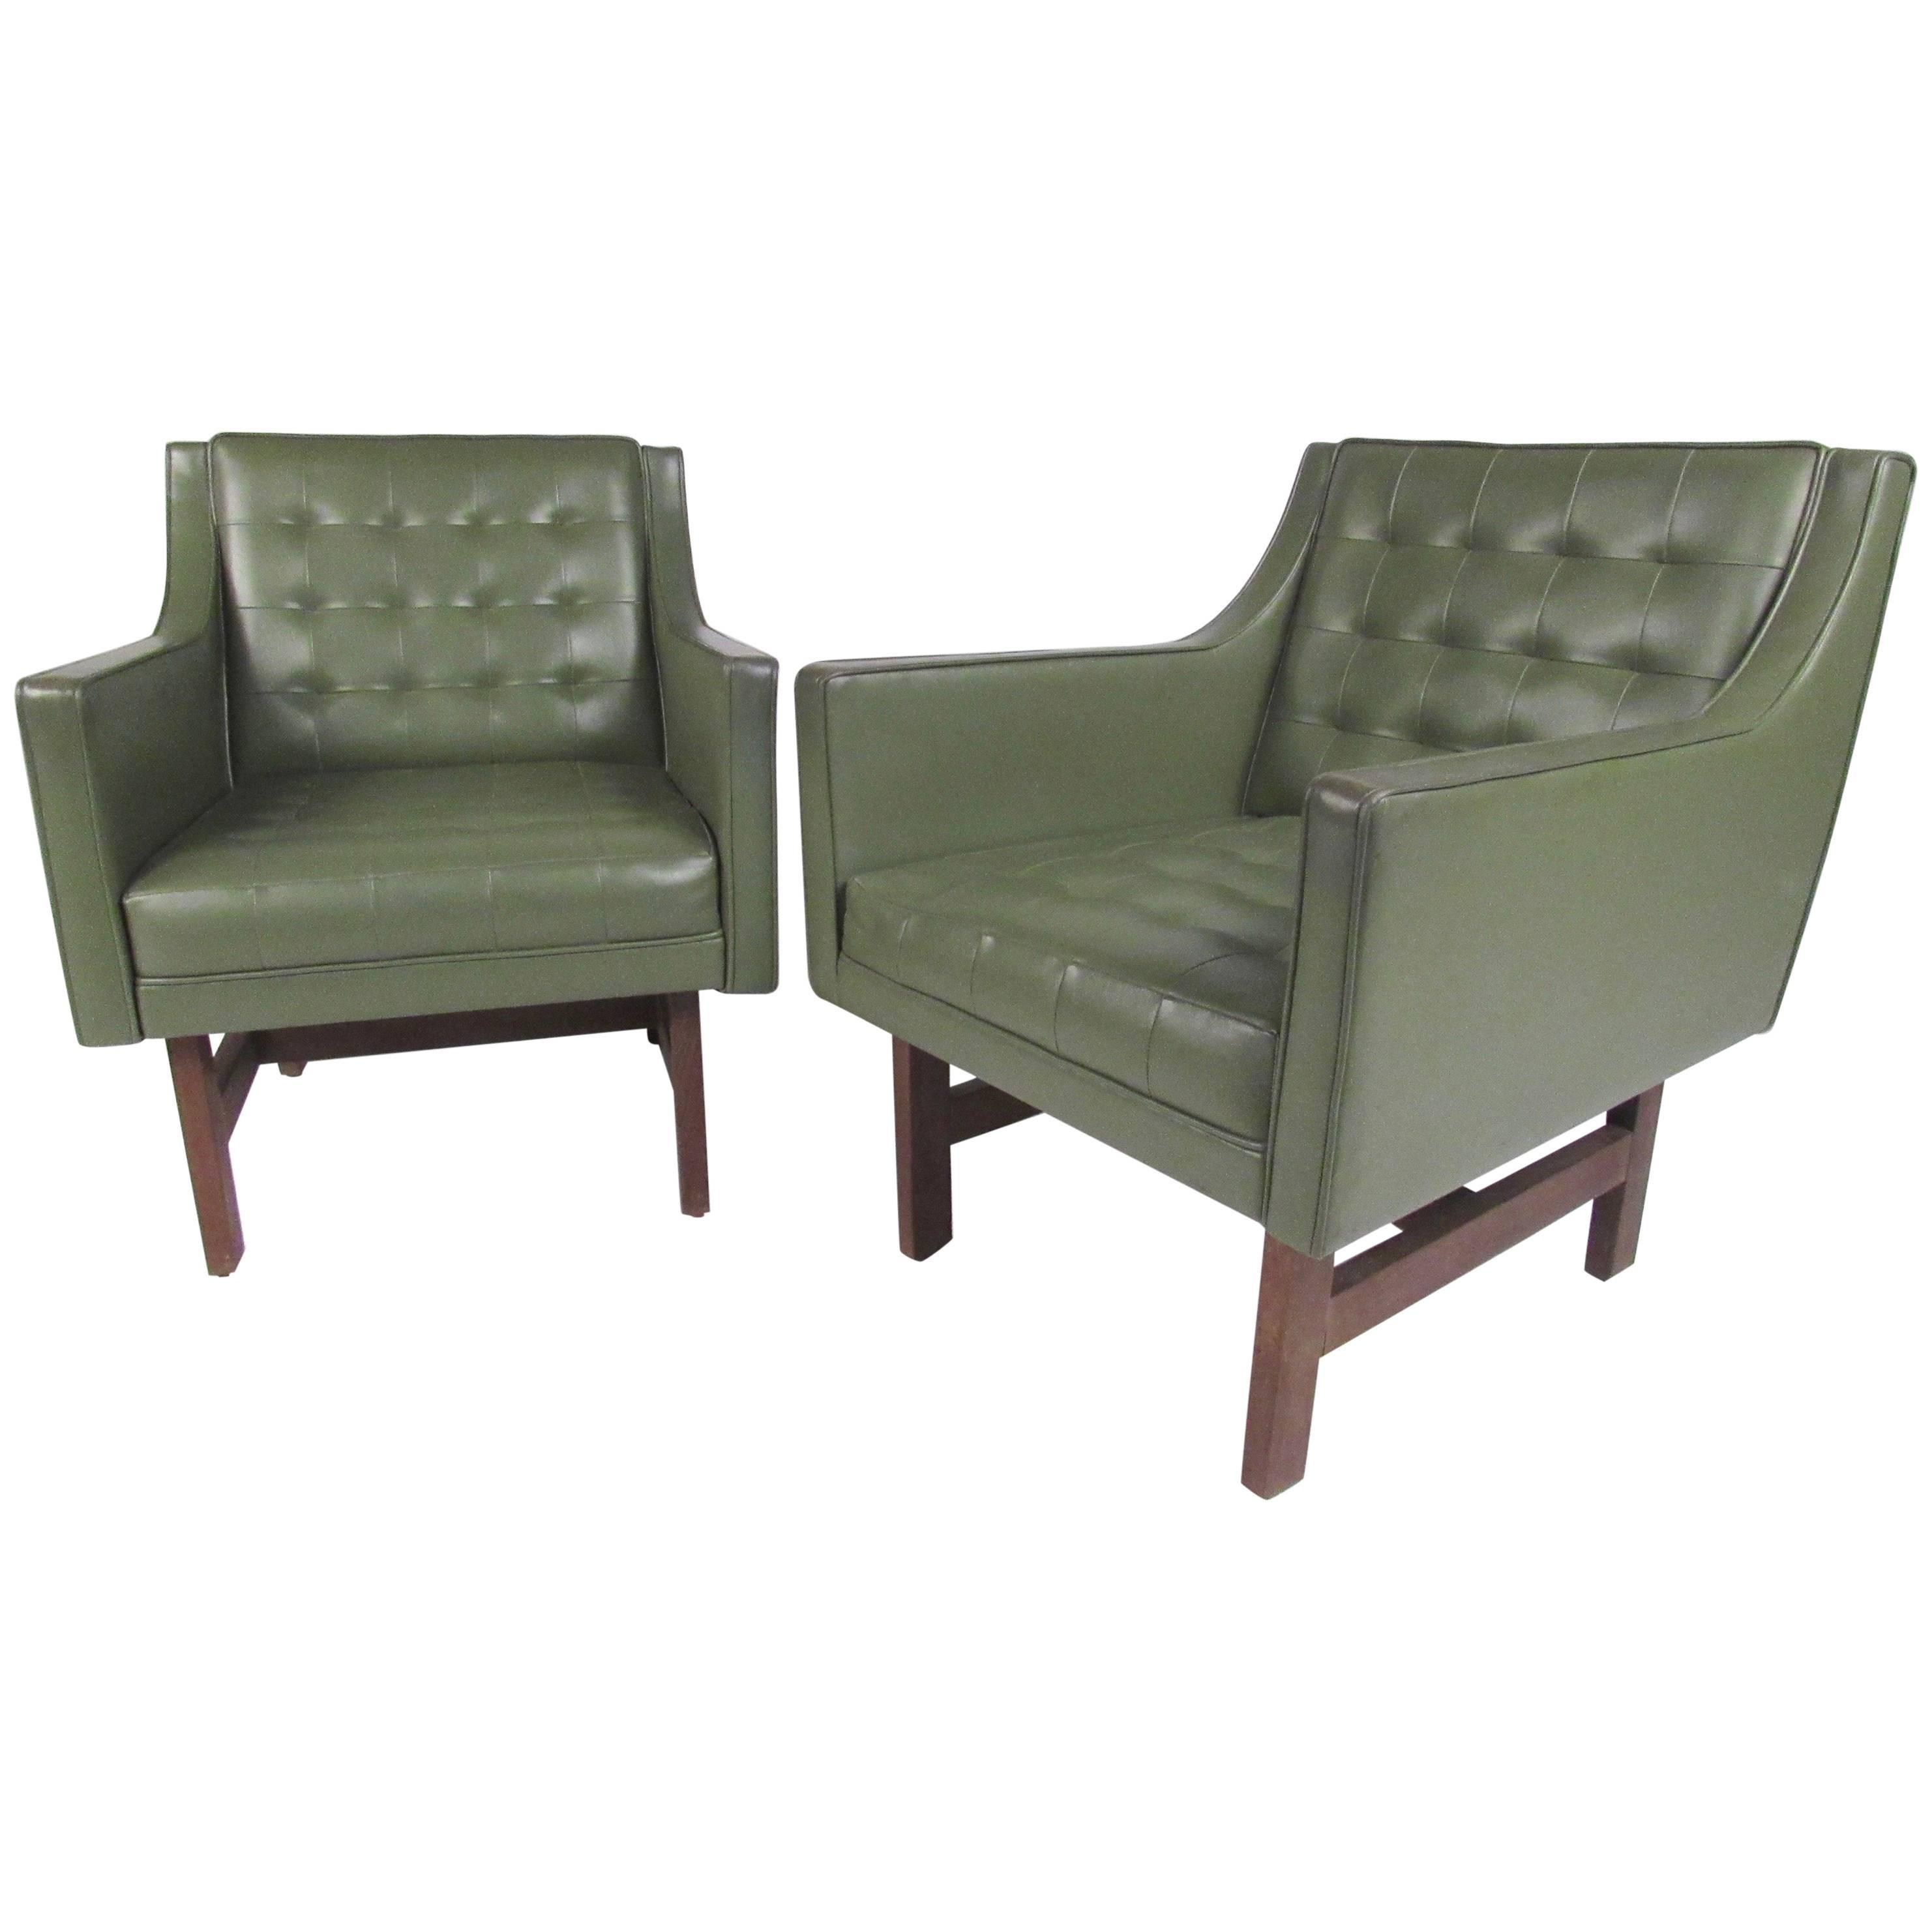 Pair of Vintage Modern Vinyl and Teak Club Chairs